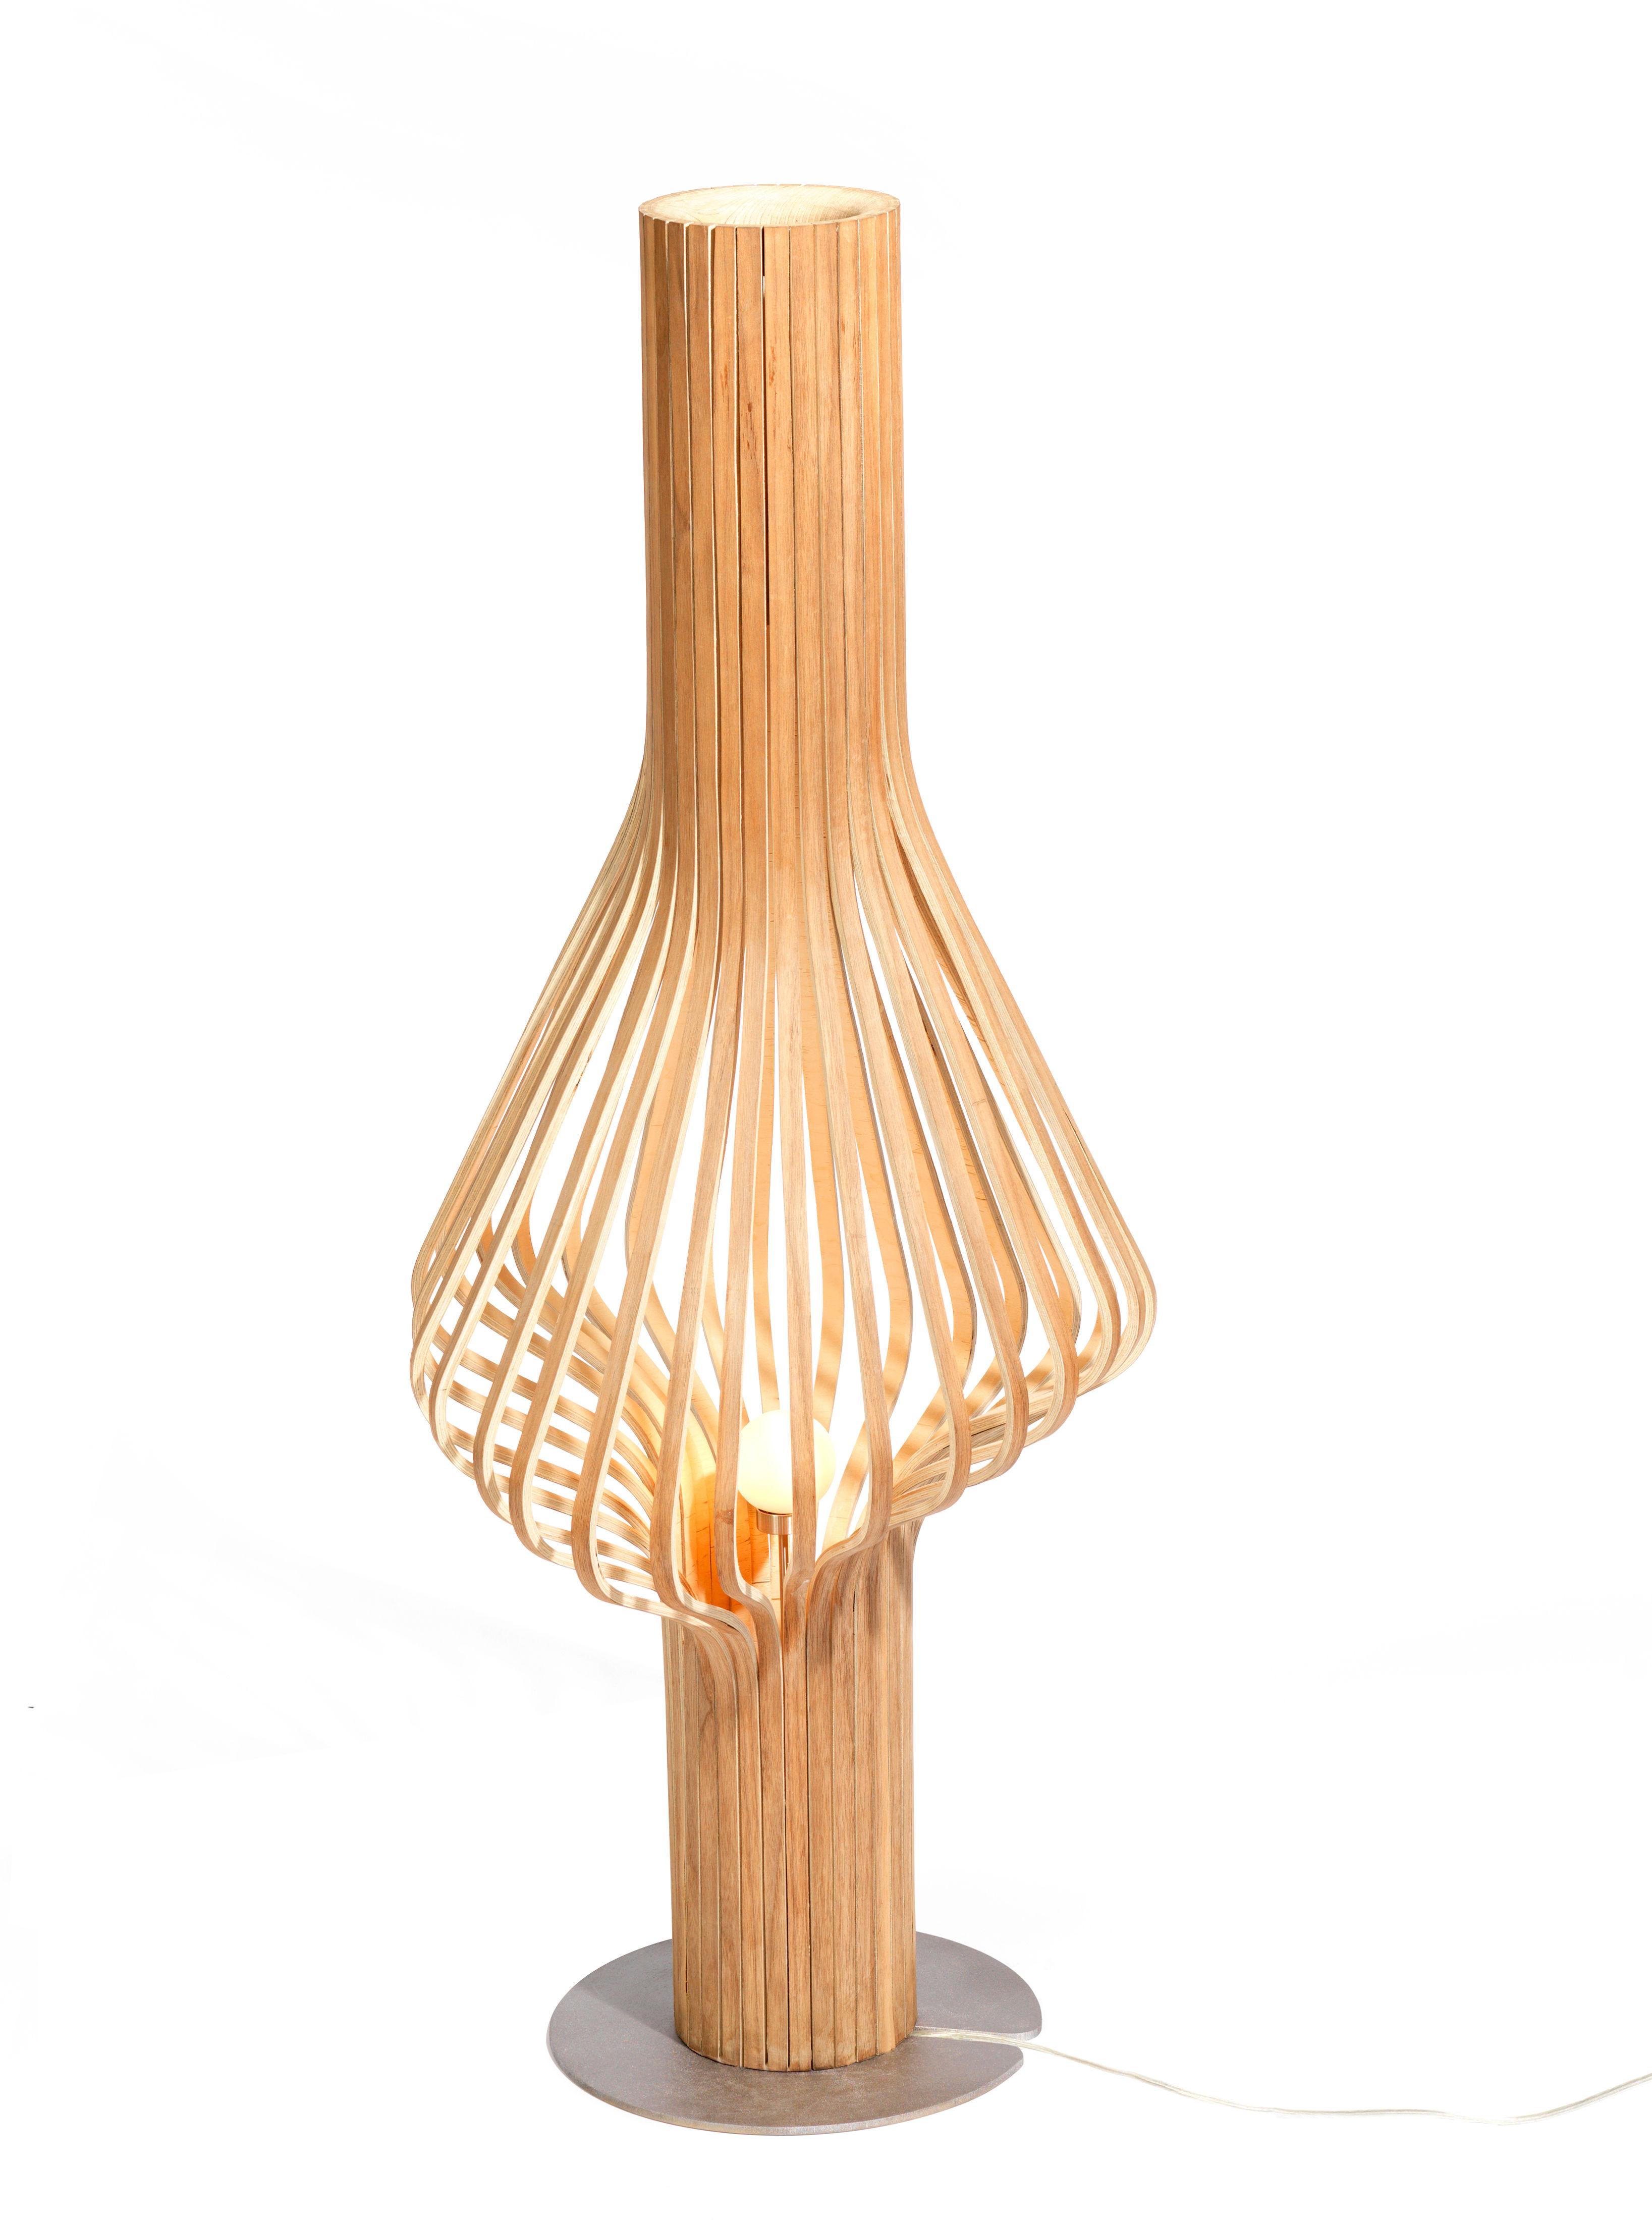 Leuchten - Stehleuchten - Diva Stehleuchte H 120 cm - Northern  - Eiche - Eichenholzfurnier, mundgeblasenes Glas